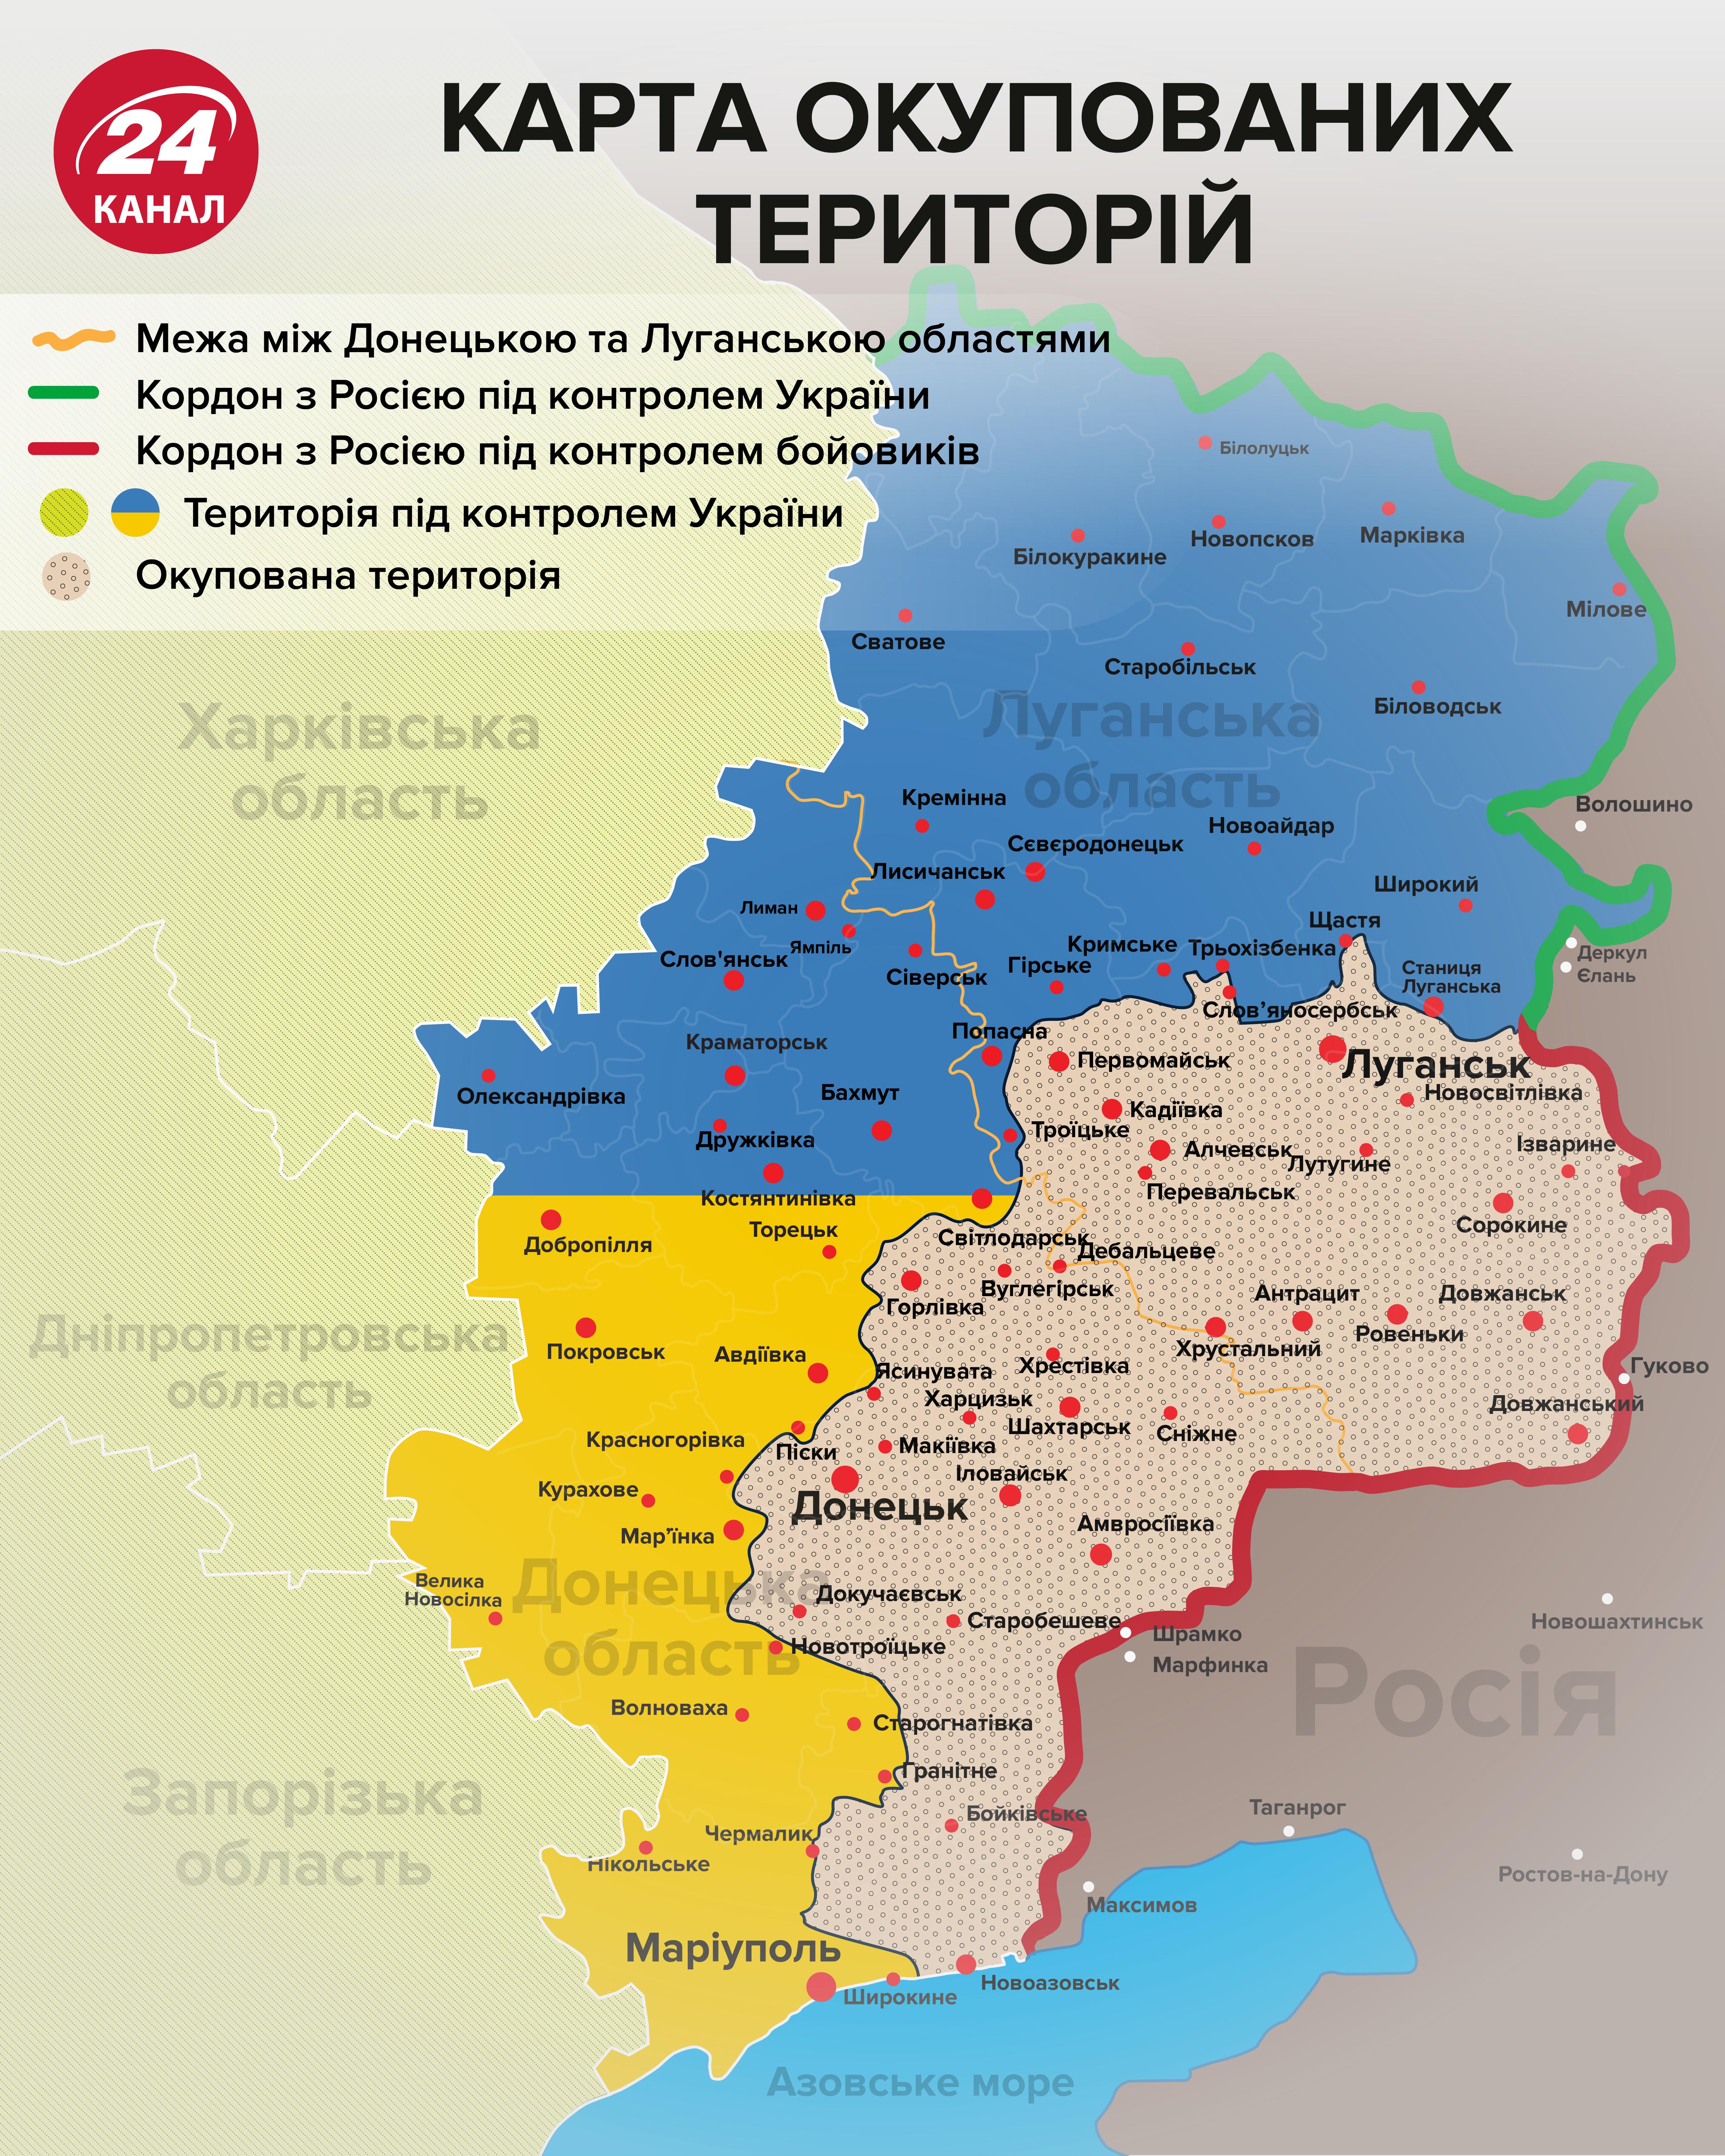 карта окупованих територій Донбасу ОРДЛО карта мапа Донбас окуповані території